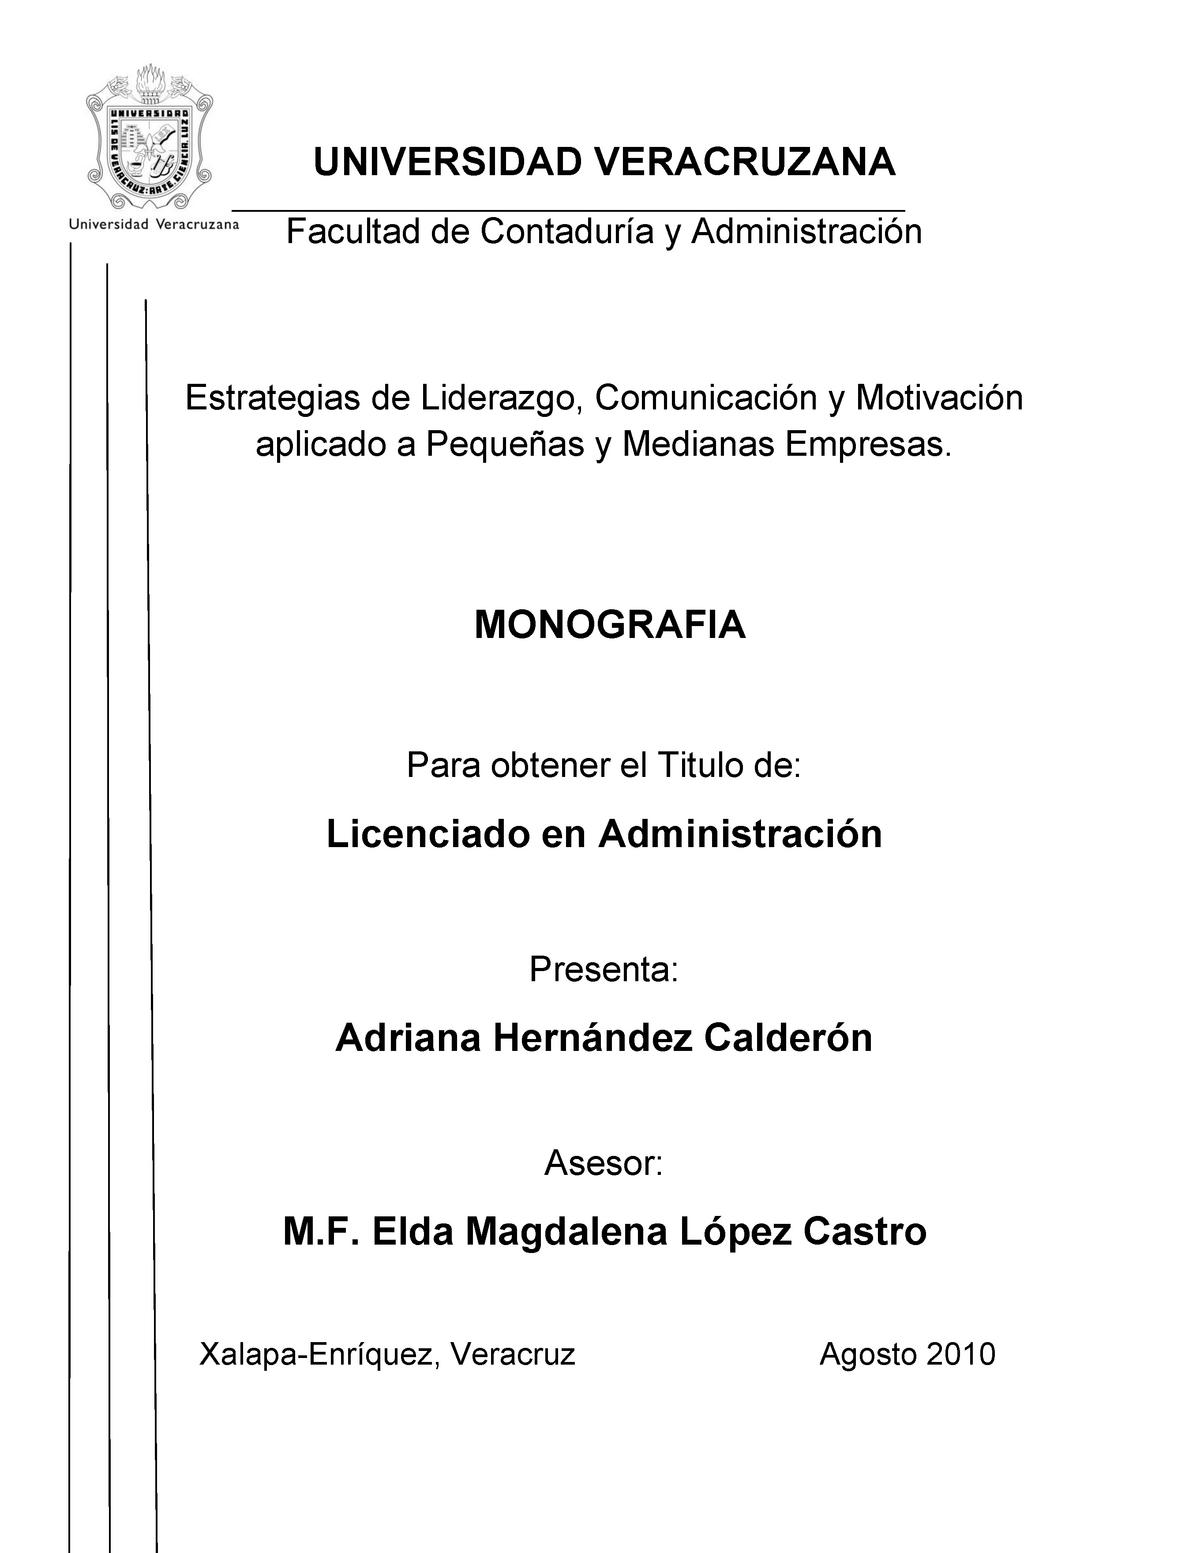 Tutorial Work Estrategias De Liderazco Comunicación Y